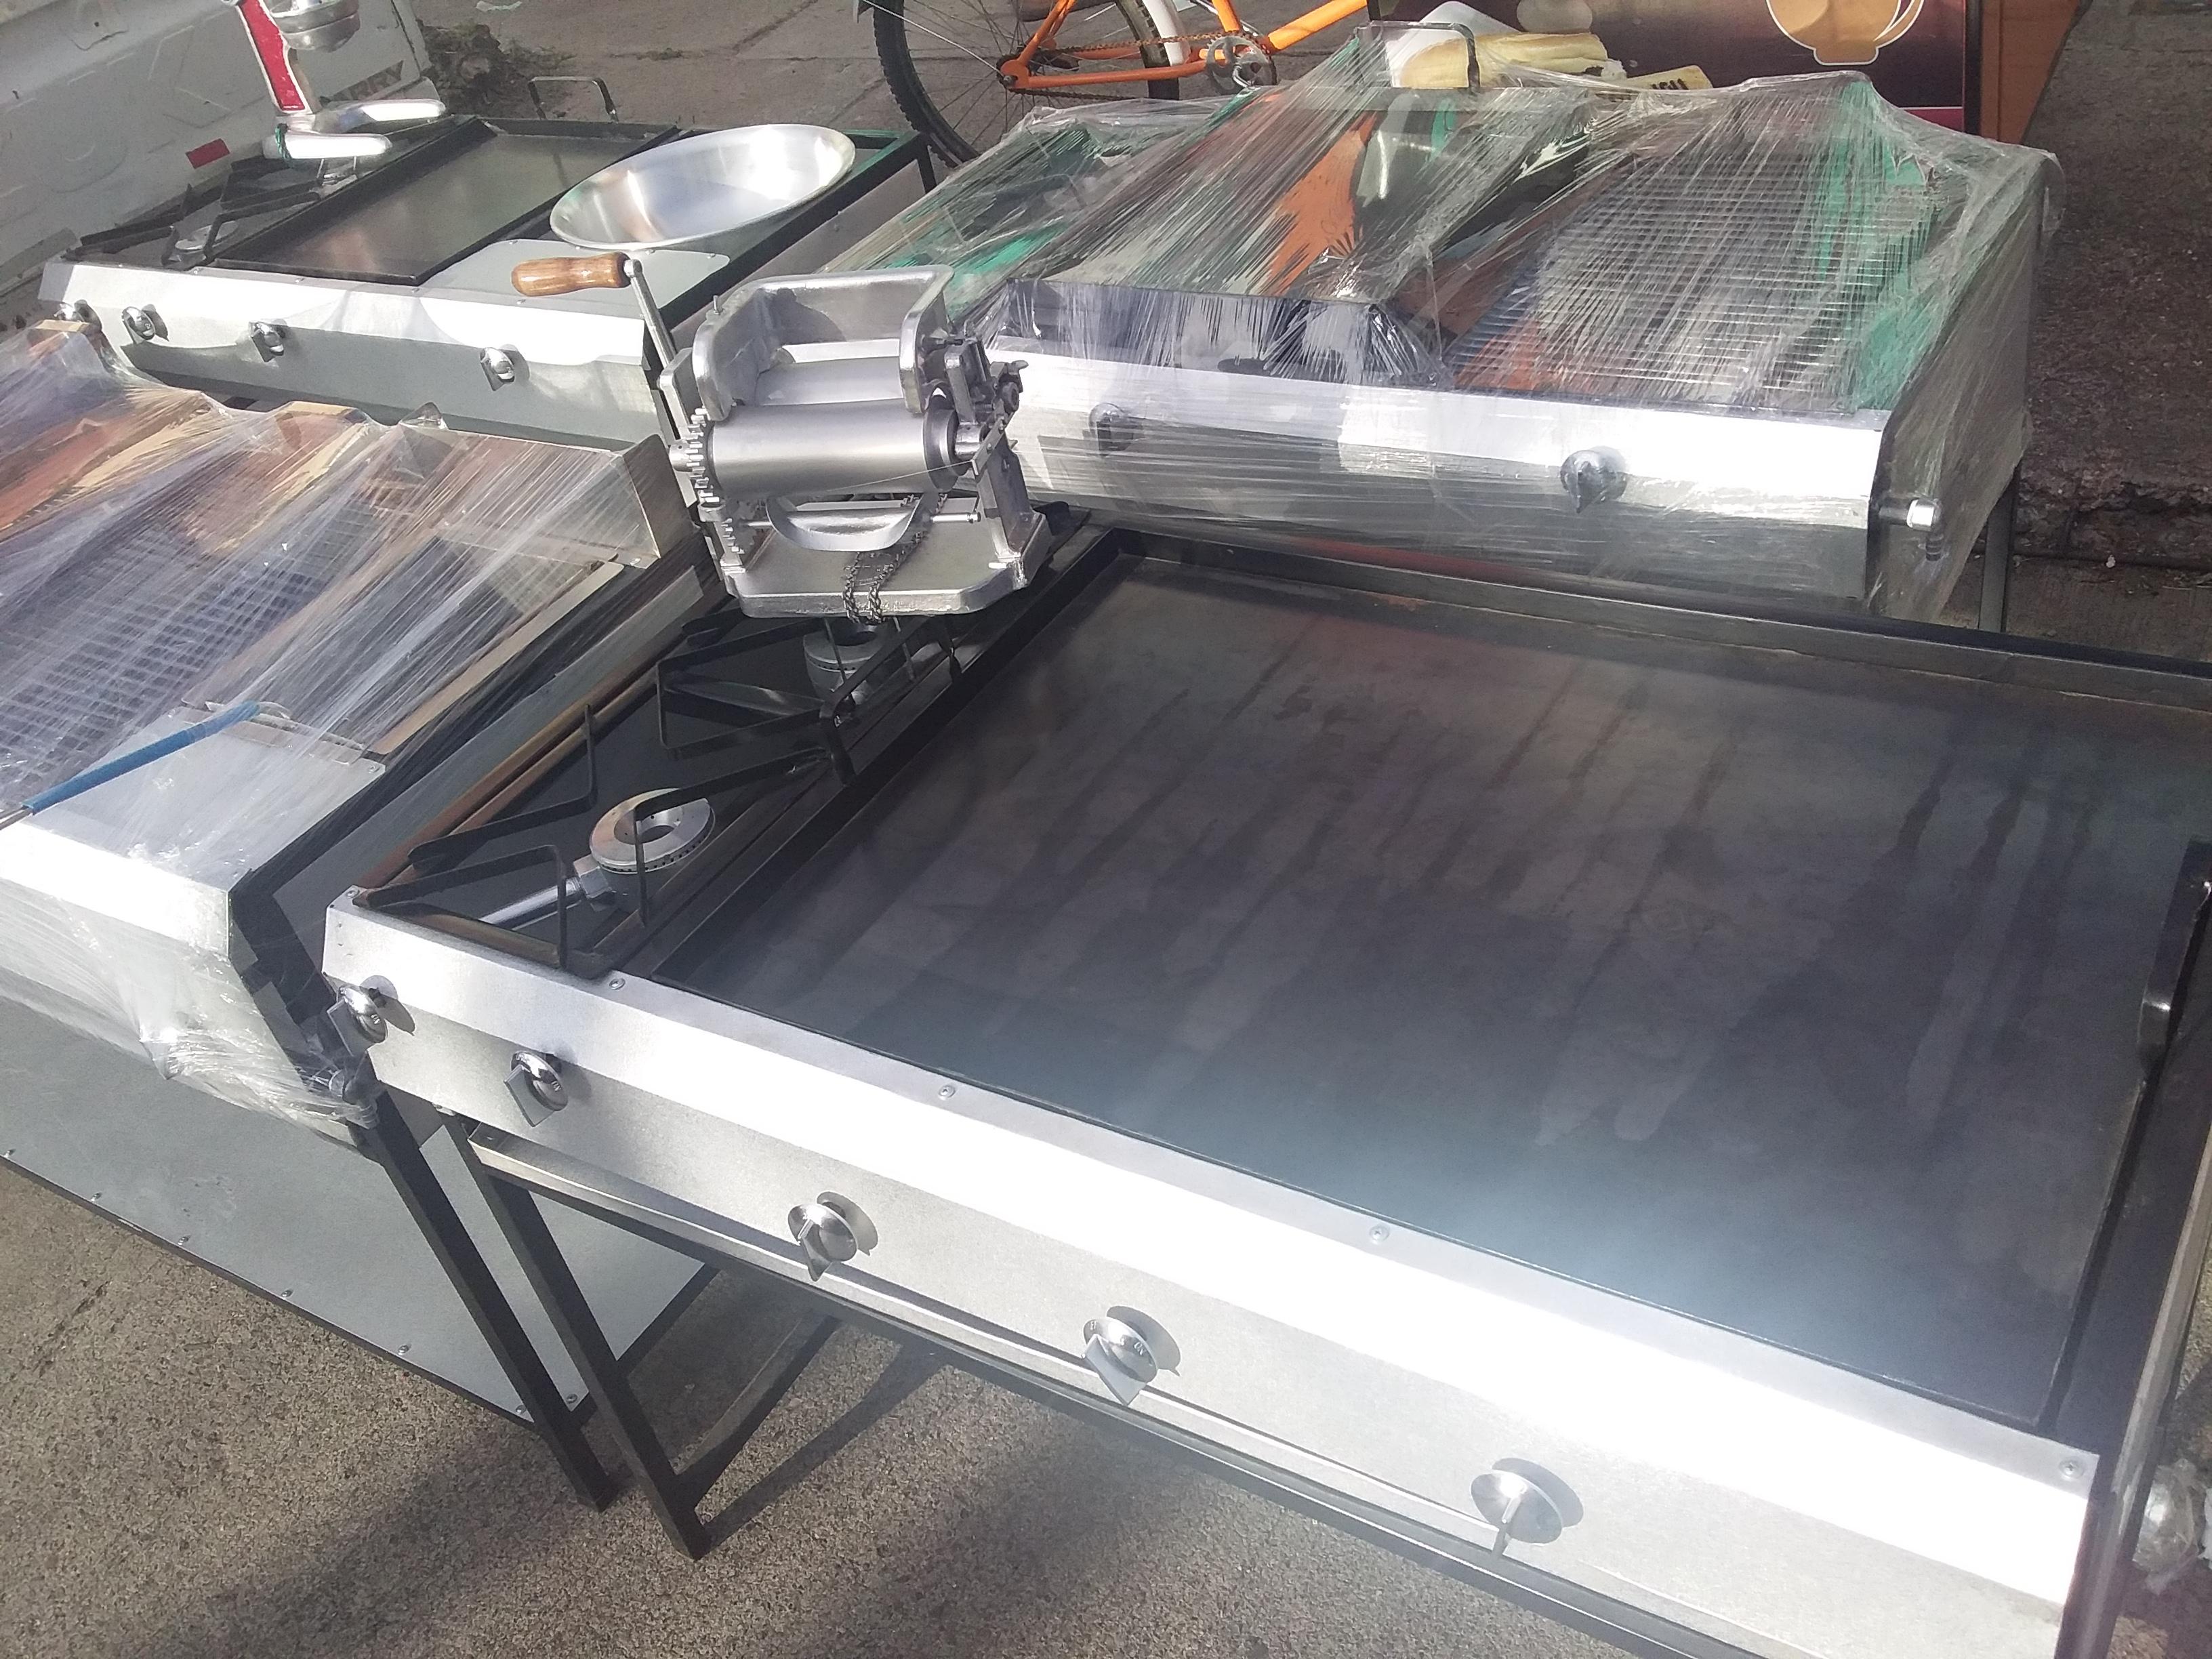 Estufas industriales, planchas de cocina, freidoras a precio accesible